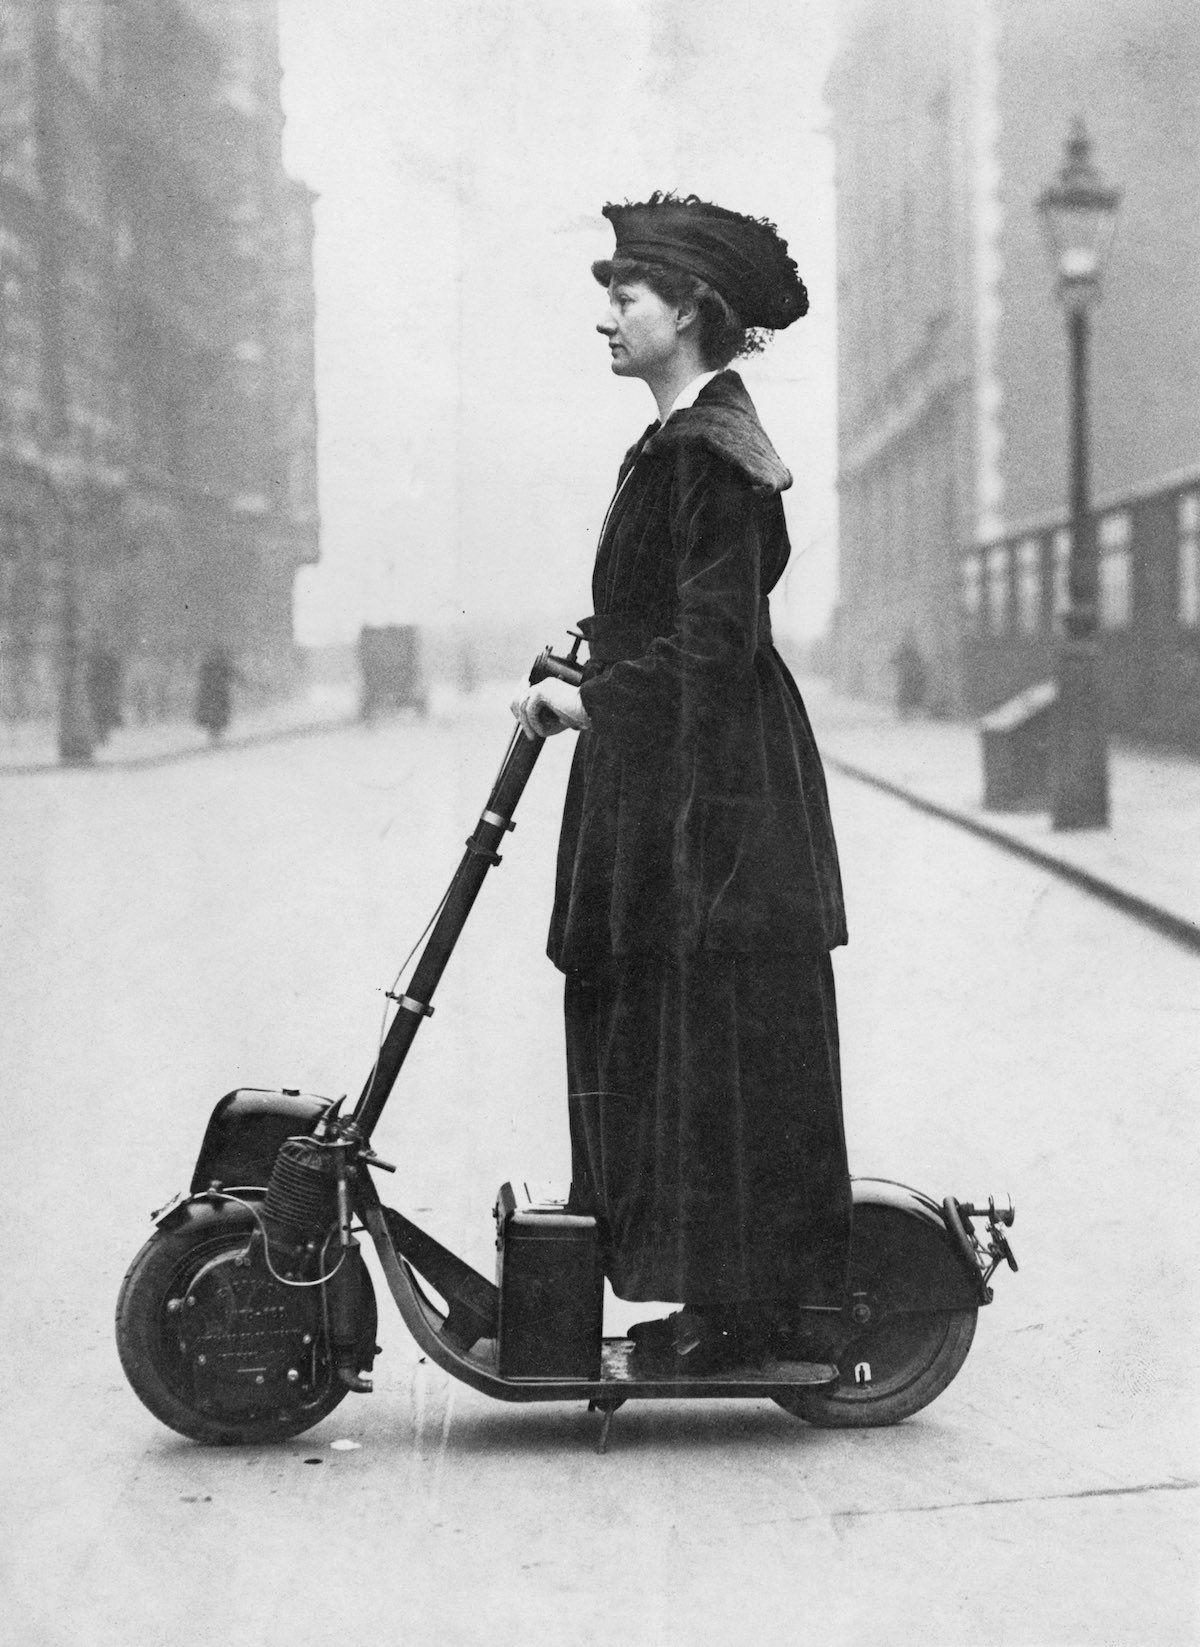 Az angol társasági hölgy és aktivista, Lady Norman, egy szüfrazsett volt, aki már 1916-ban motoros rollerrel járt, szinte elsőként a világon!